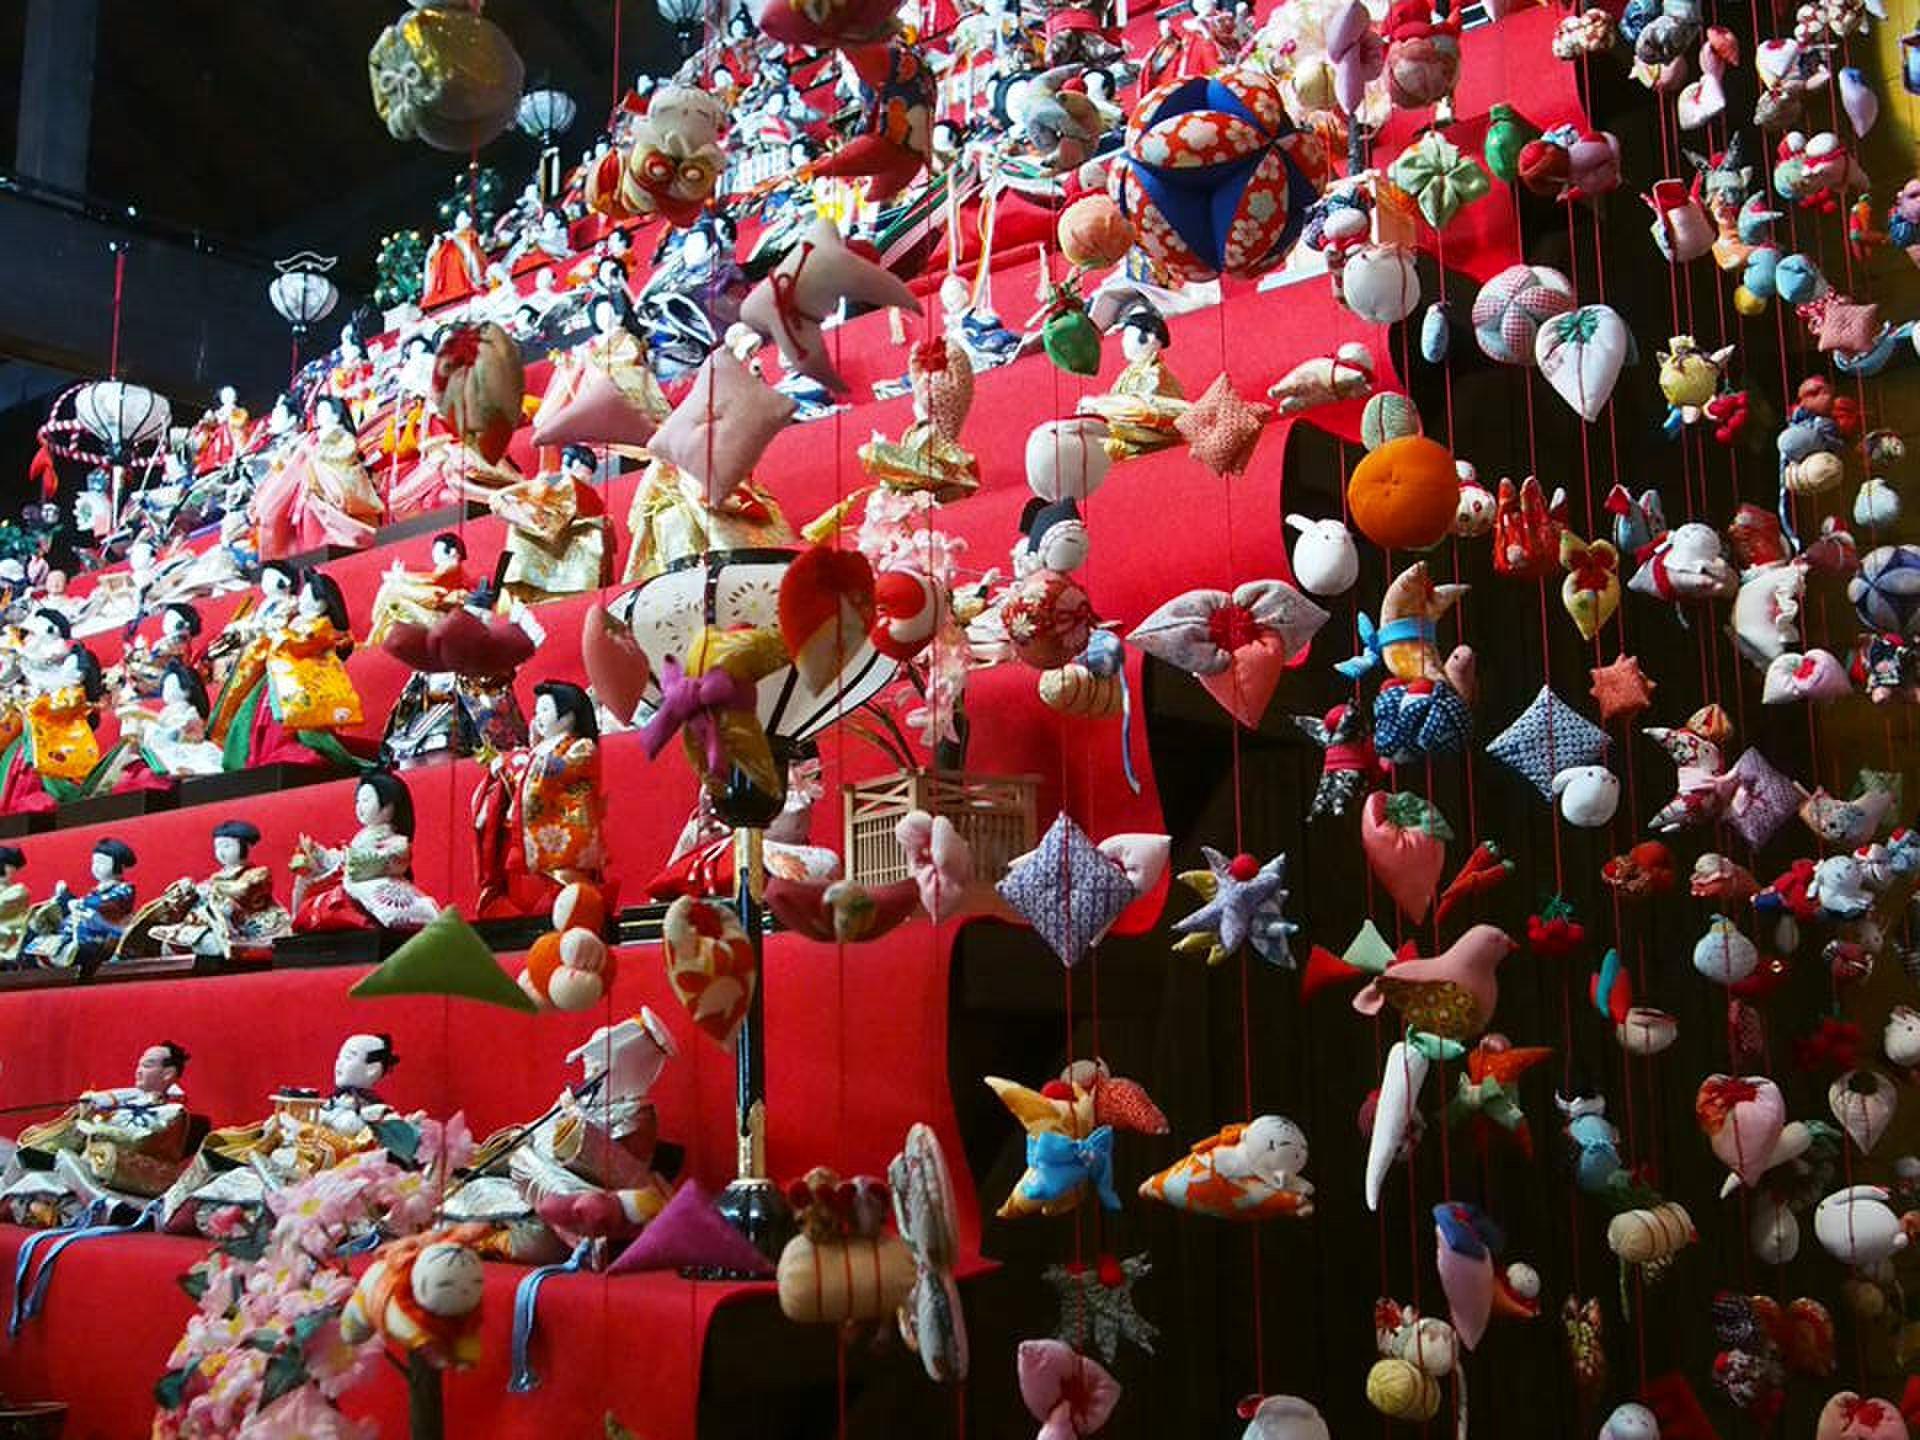 【anan美人総研】週末でも行けちゃう!伊豆旅でのんびり楽しむ♡雛のつるし飾り!伊豆稲取☆